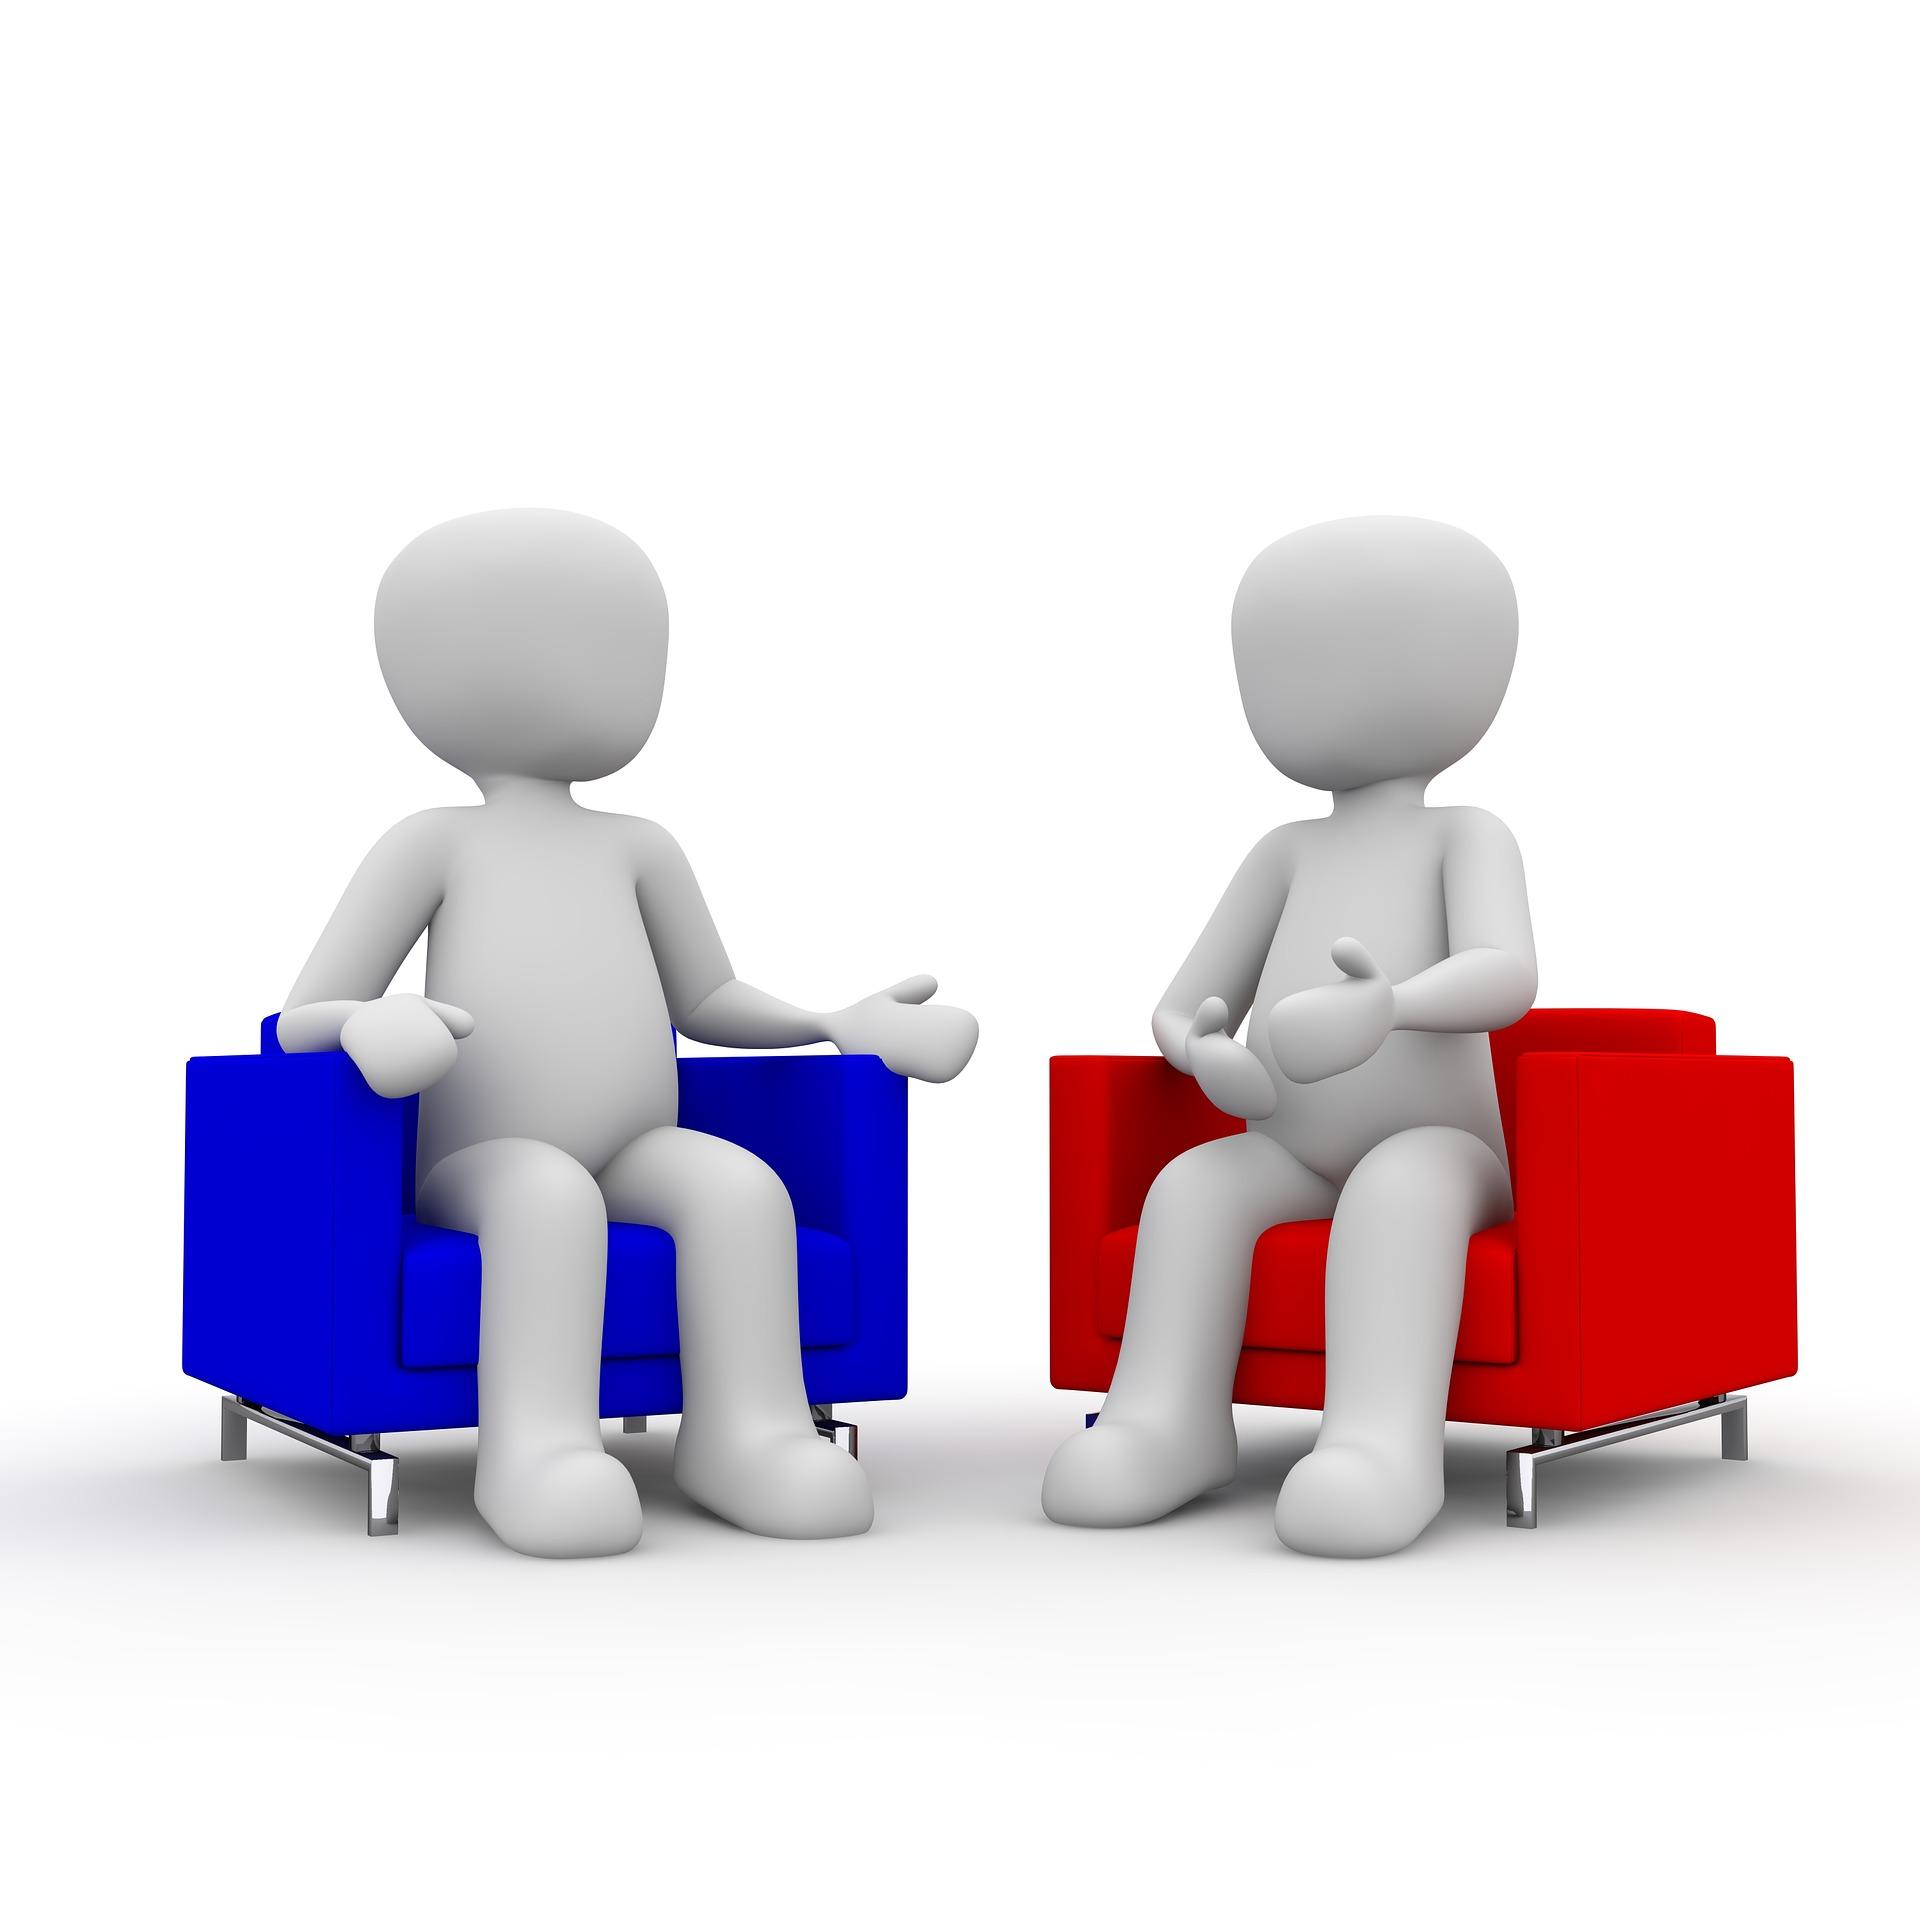 Verhandlungsspiele Interview Machtspiel Verkauf Vertrieb Verkäufer Termin Verhandlung Verhandlungsseminar Unruhe Verhandlungsgegner Augenhöhe